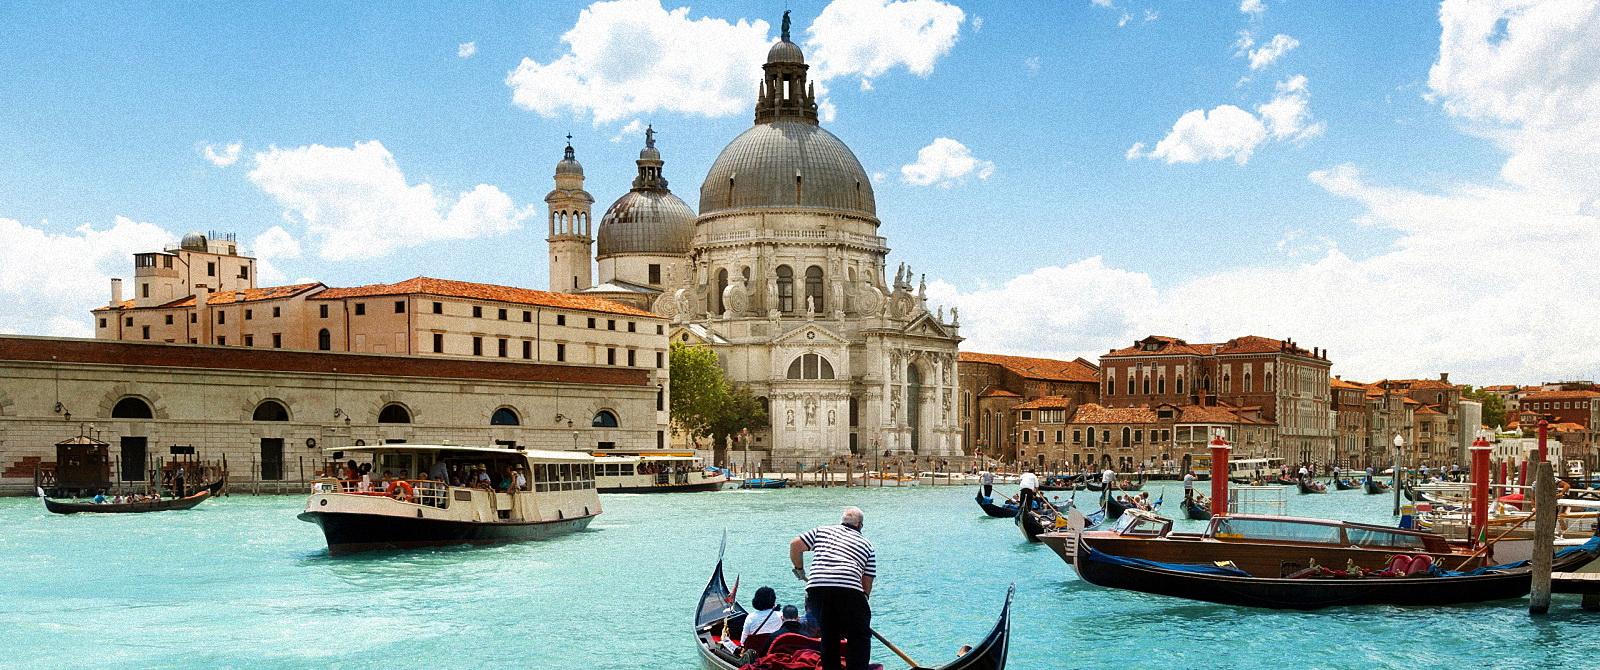 Экскурсионный туры в италию из москвы